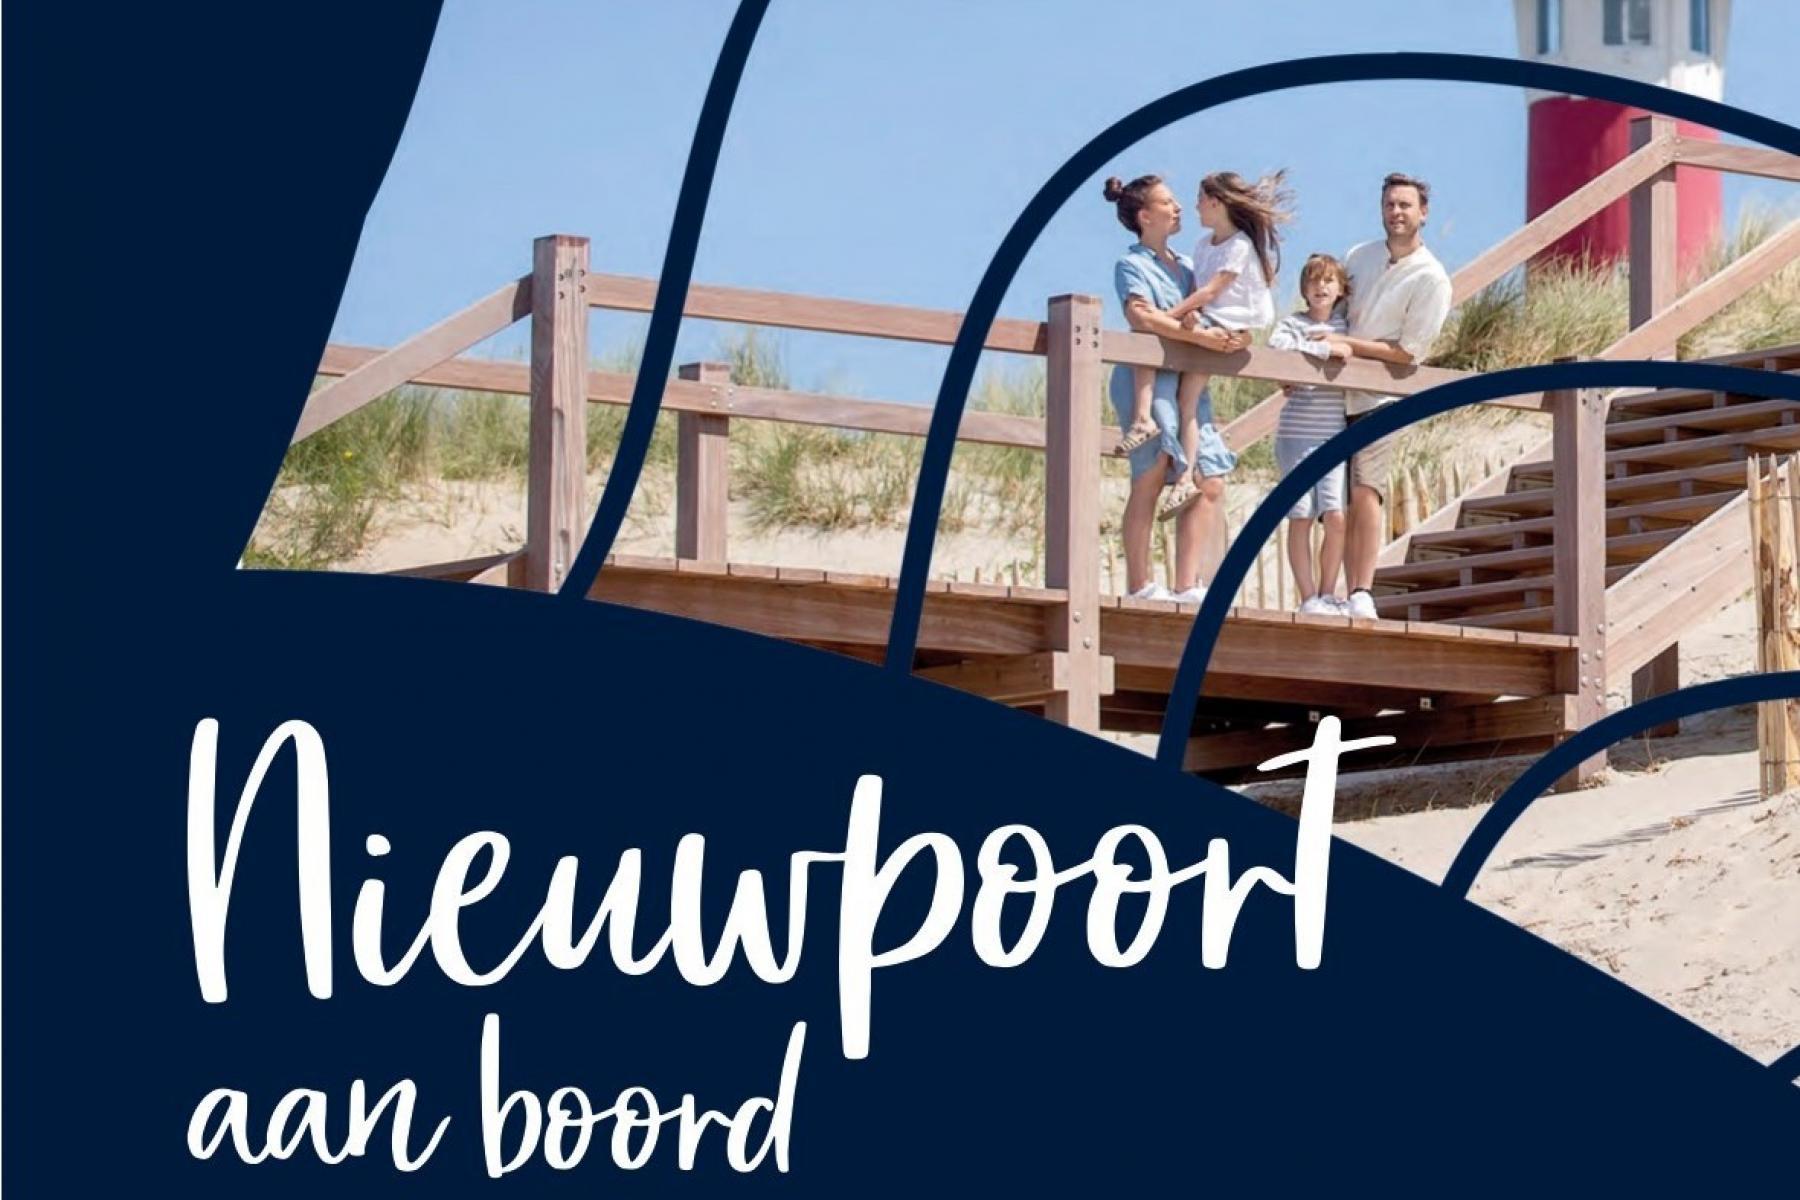 Visit Nieuwpoort - Welkom aan boord 2020 - inspiratiemagazine